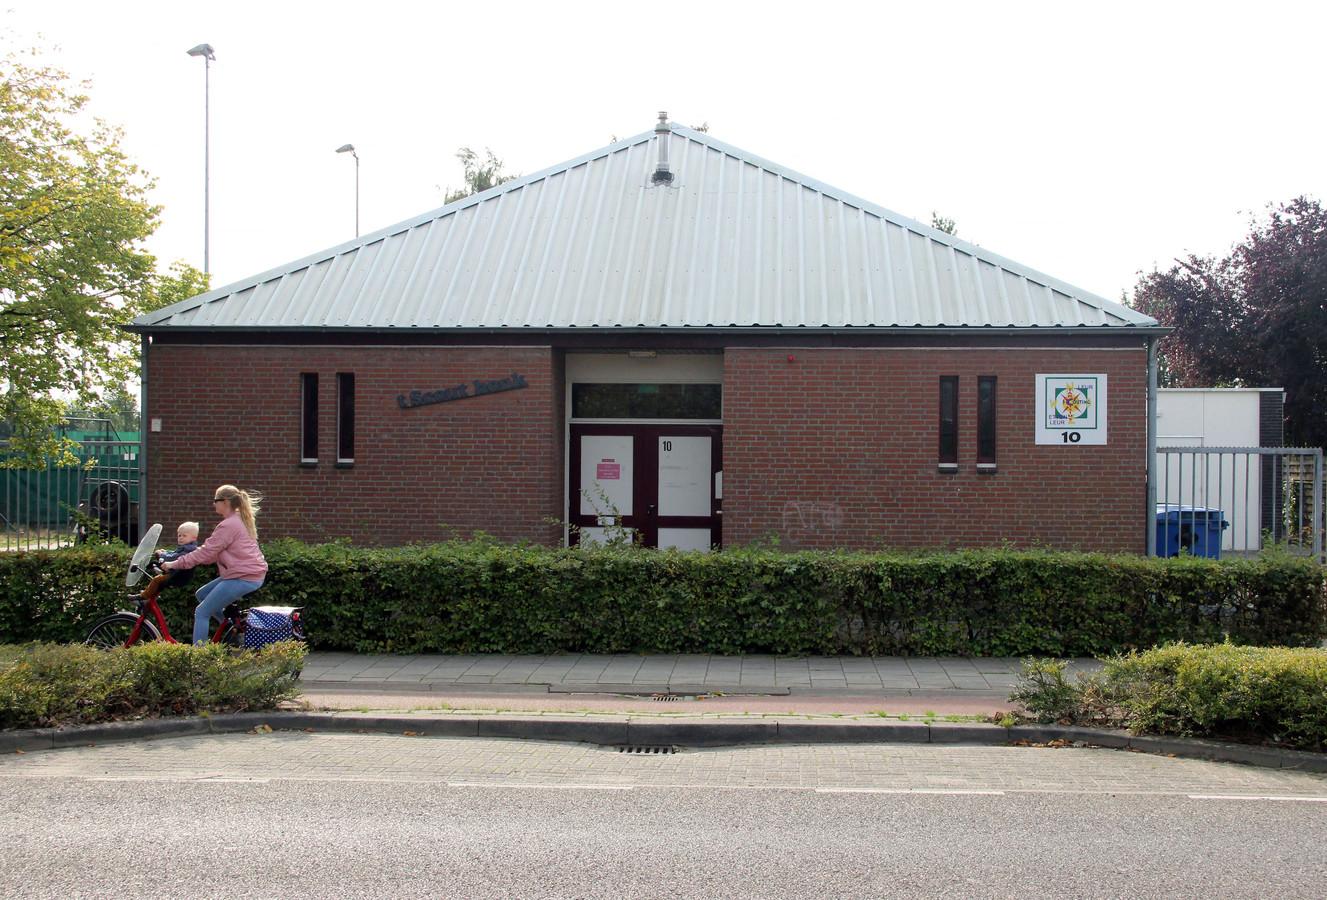 Het onderkomen van Scouting Tarcisius aan de Vijhuizenweg in Leur.